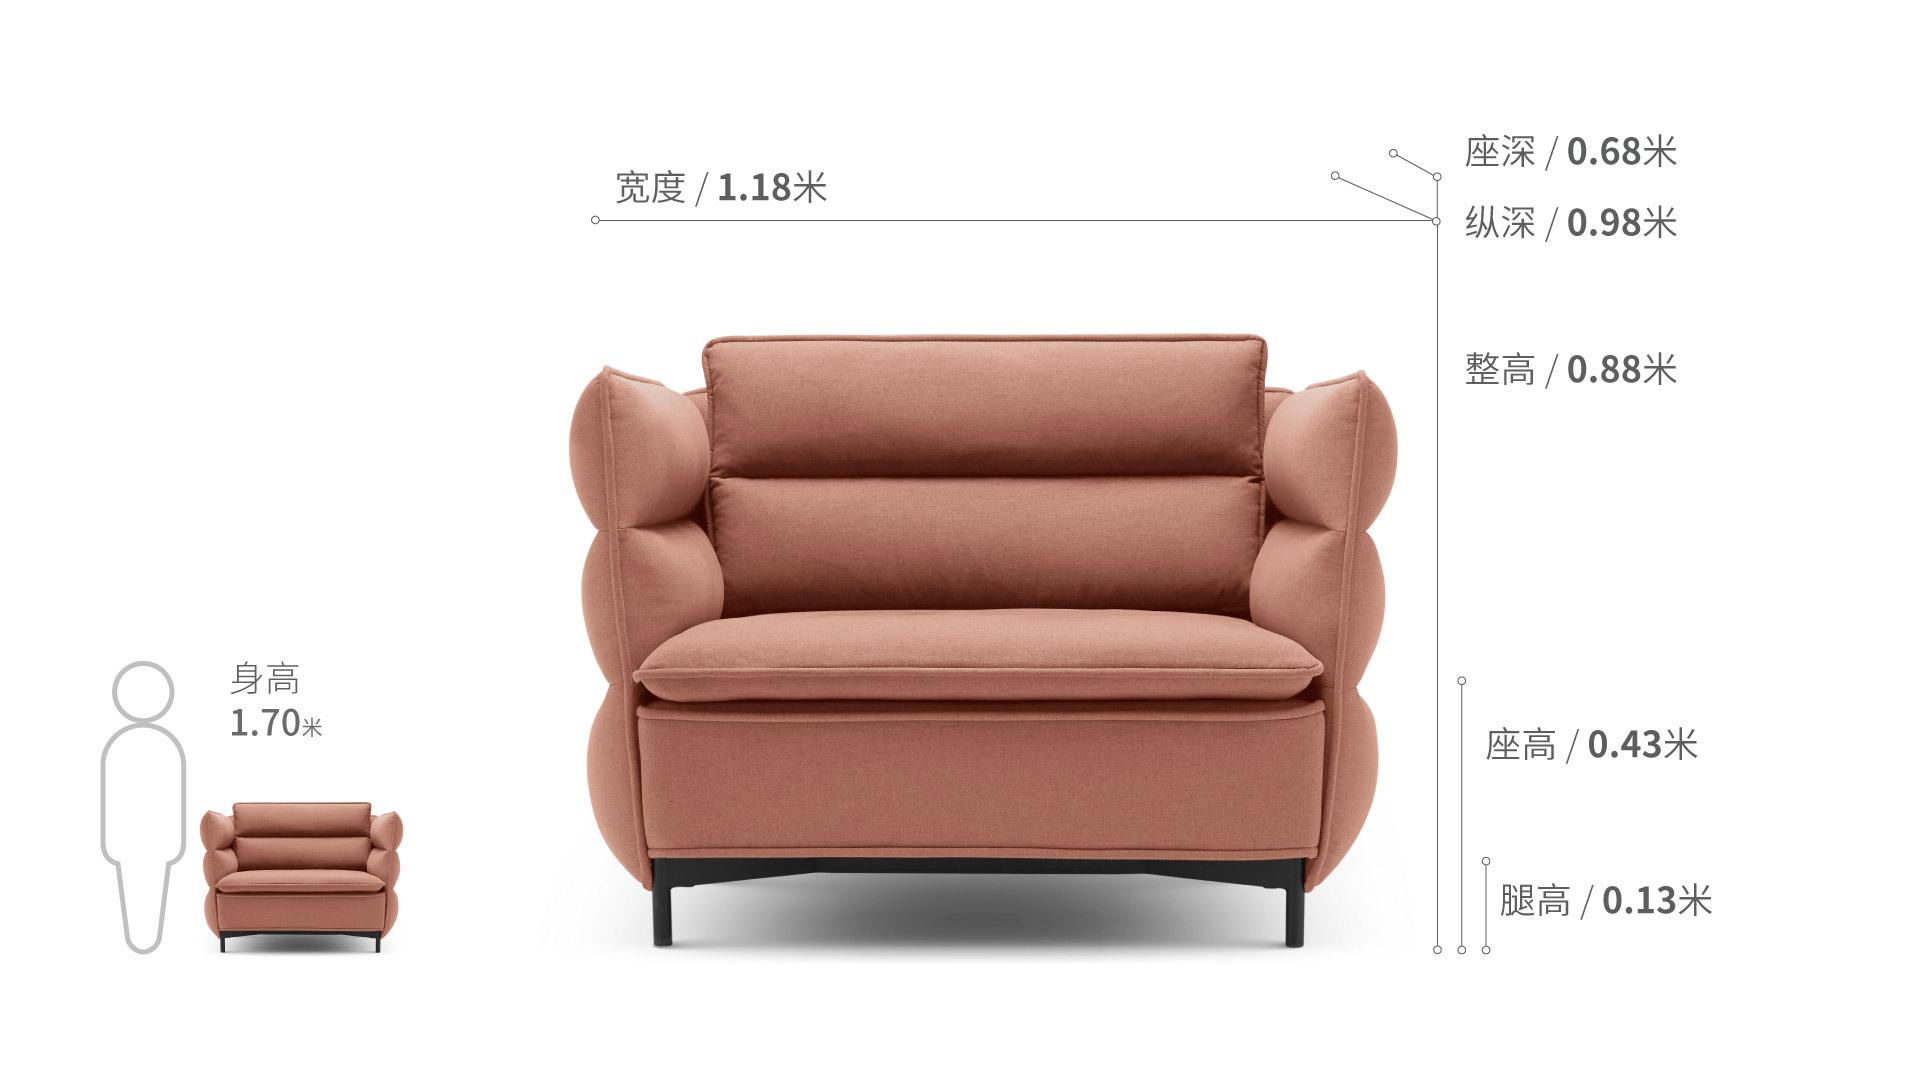 半月湾沙发矮背单人座沙发效果图